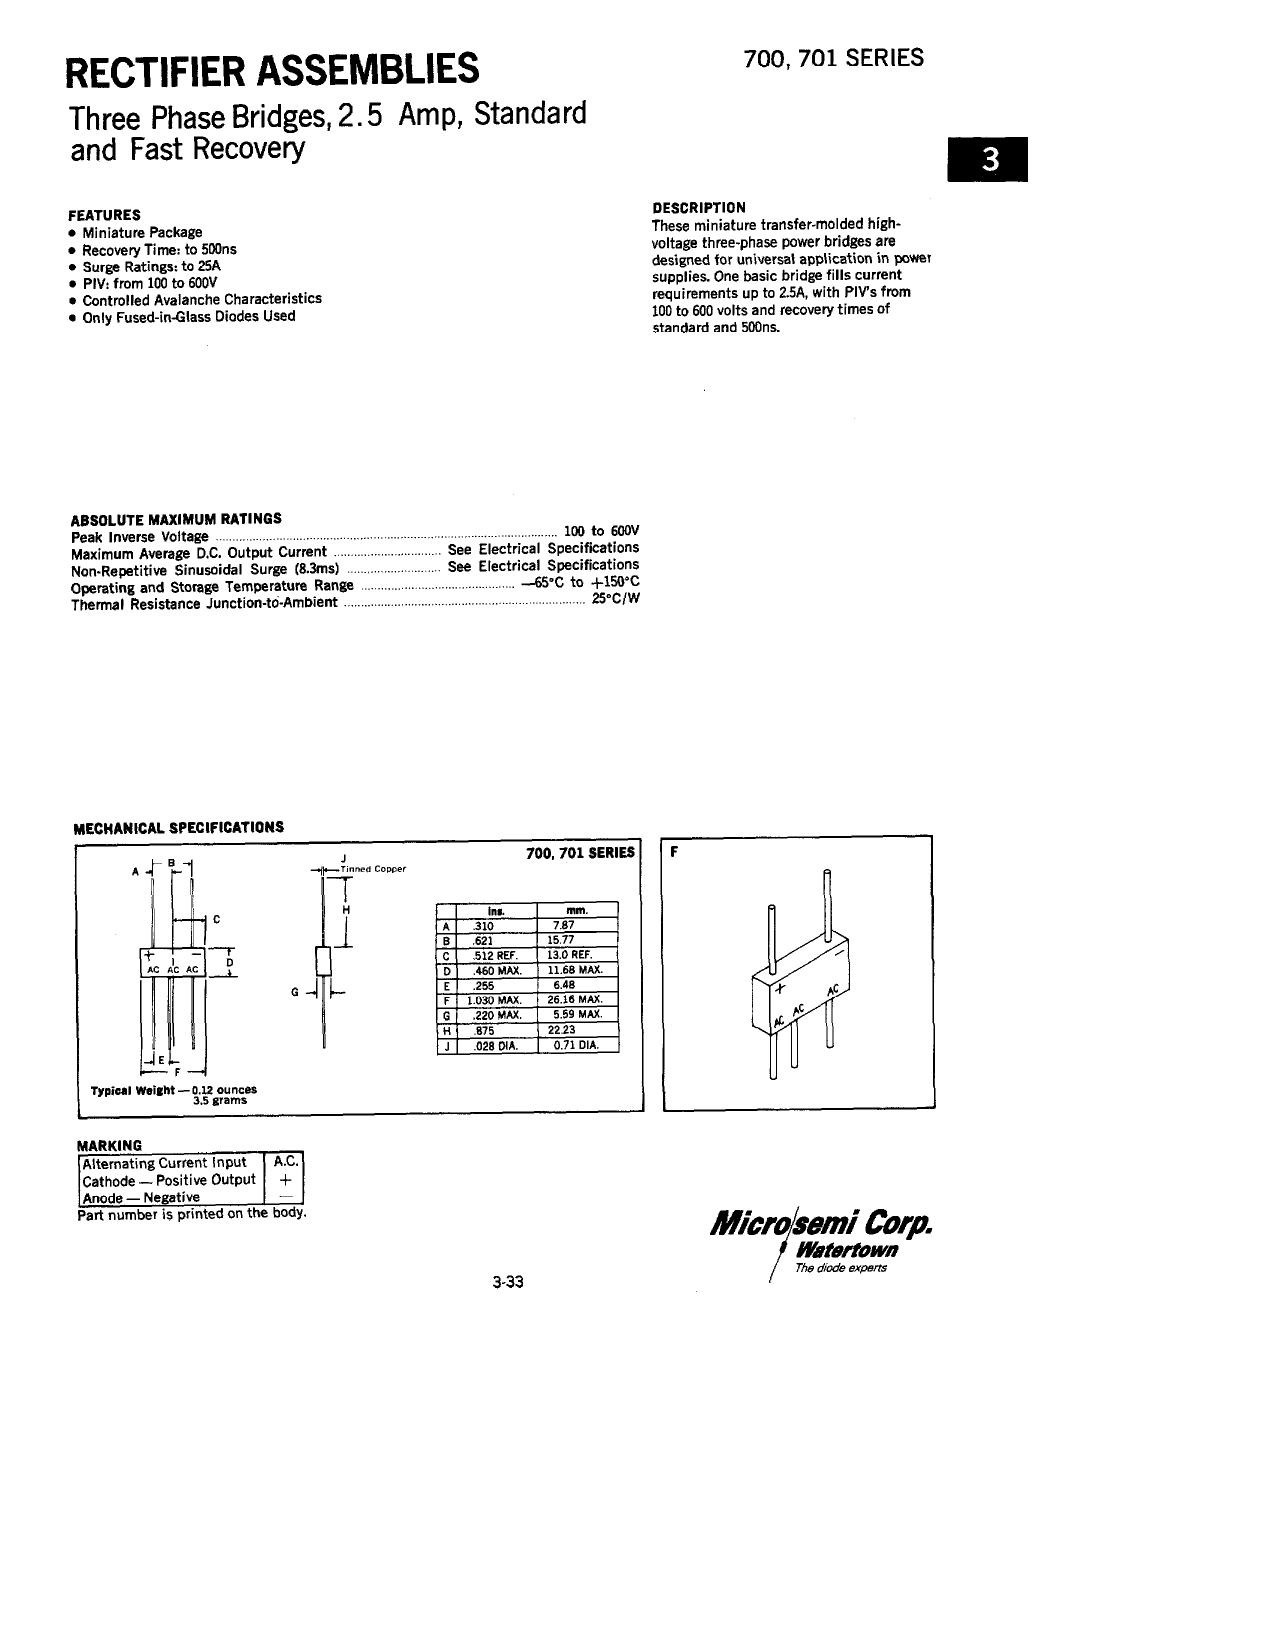 700-2 datasheet